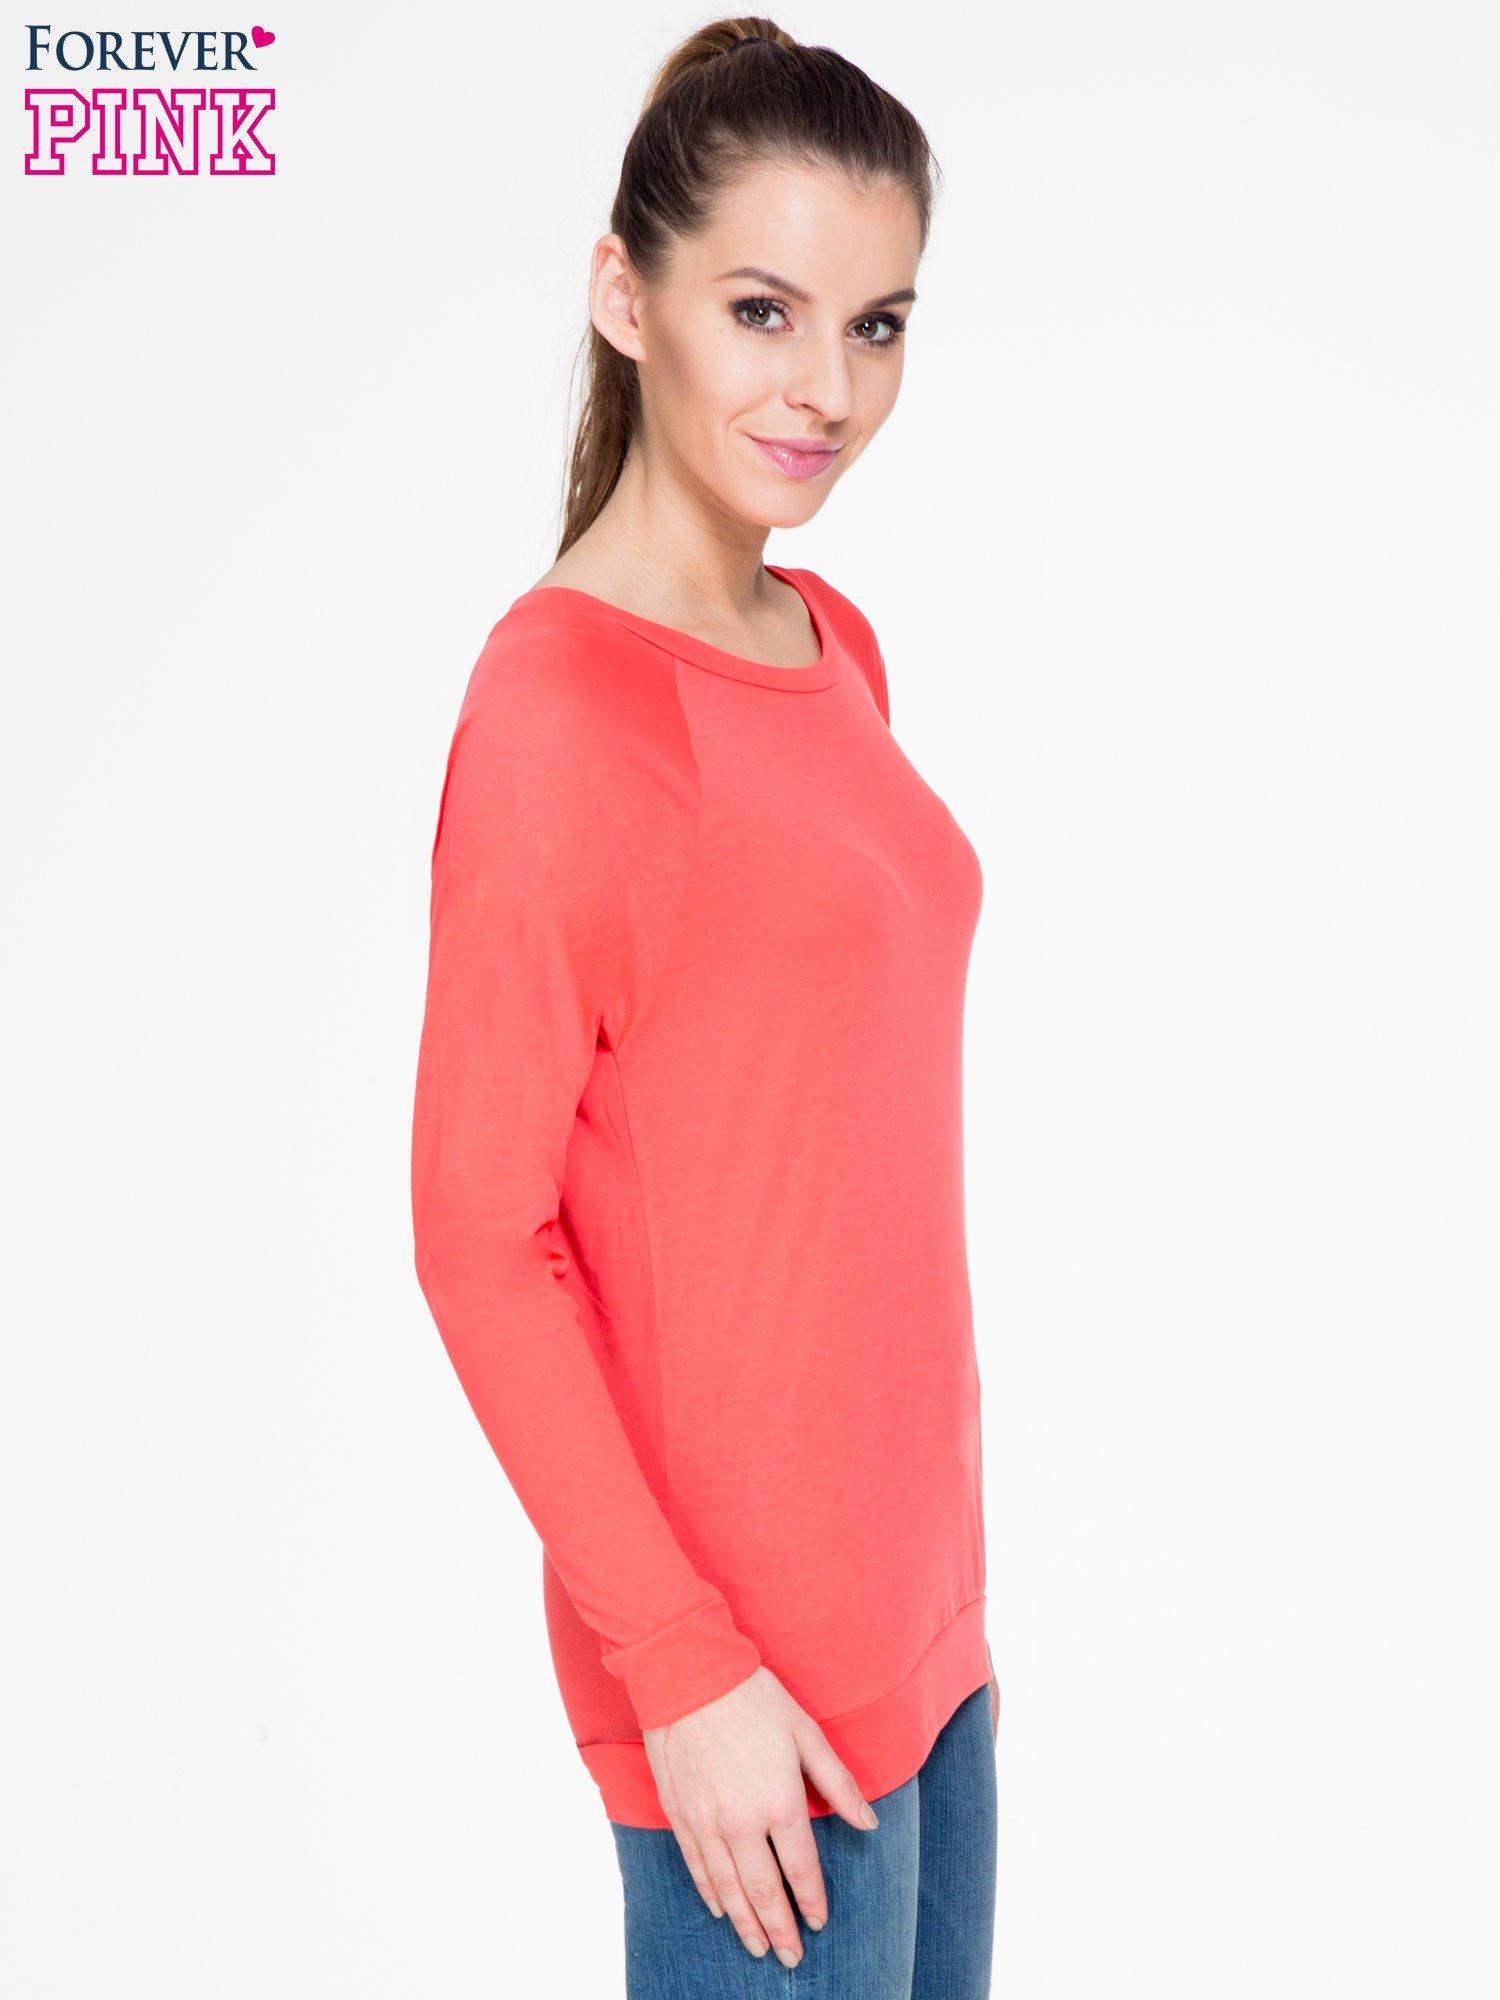 Koralowa bawełniana bluzka z rękawami typu reglan                                  zdj.                                  3